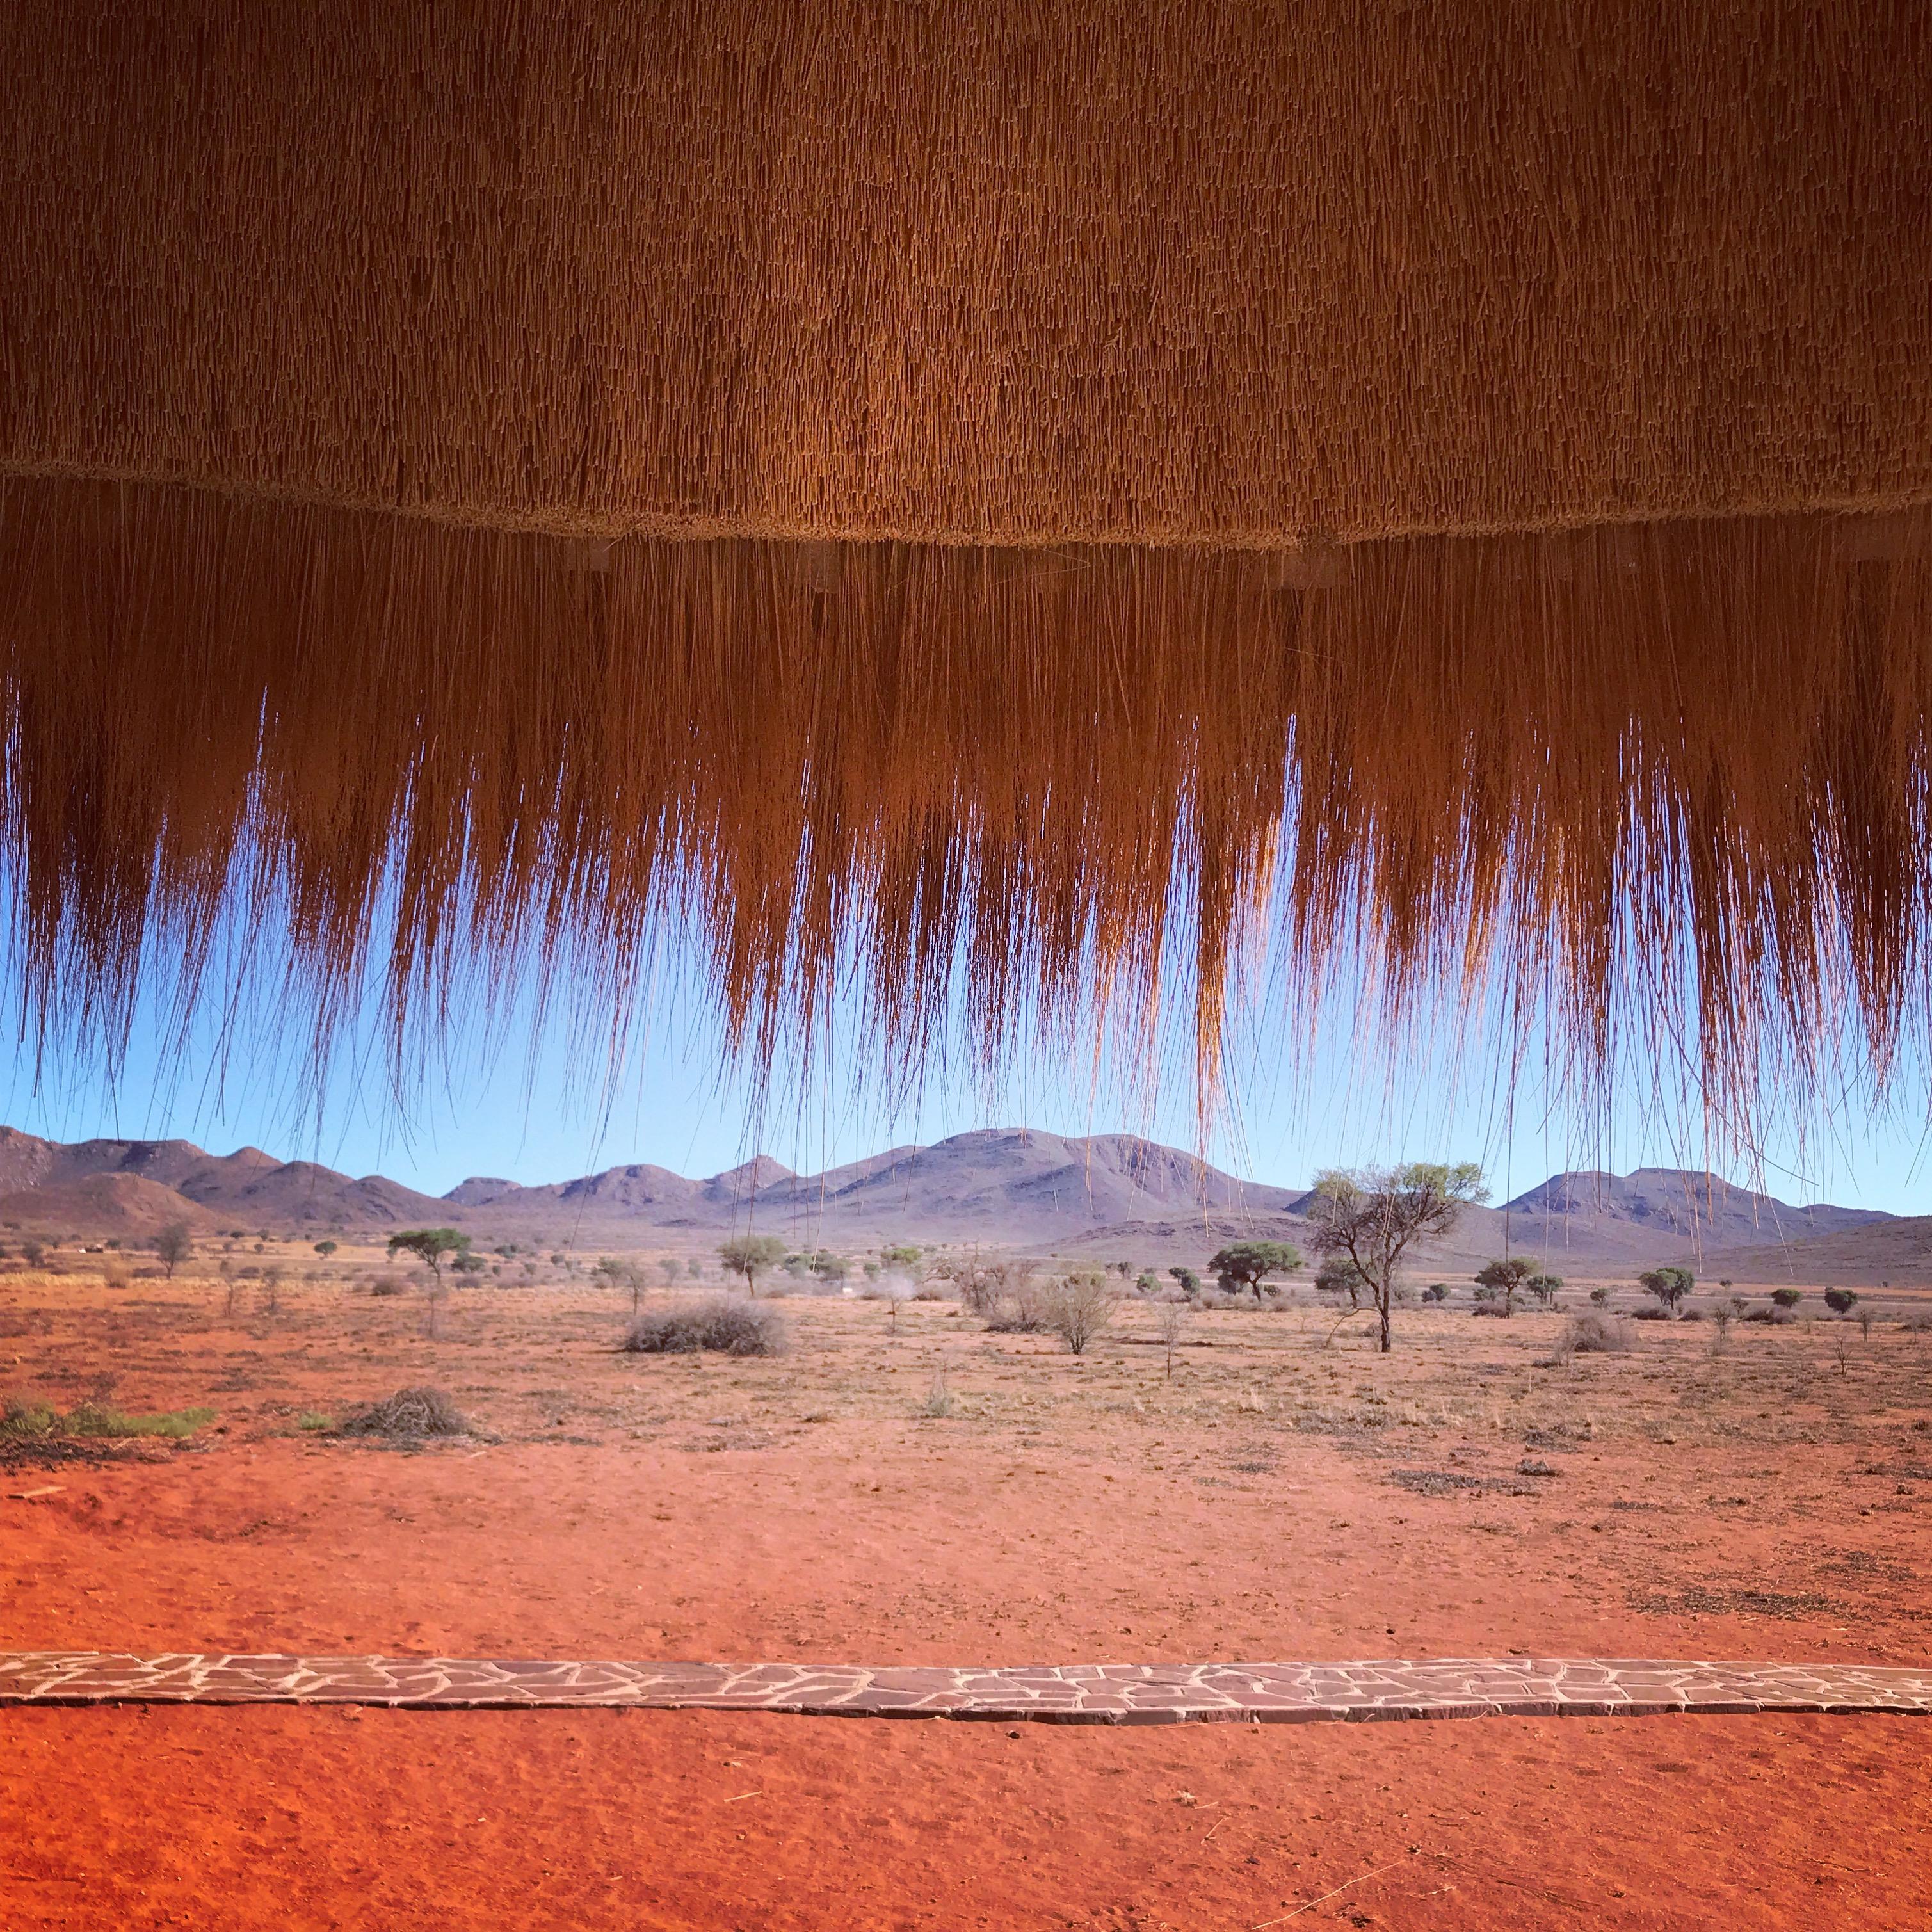 Kalahari dreamin'